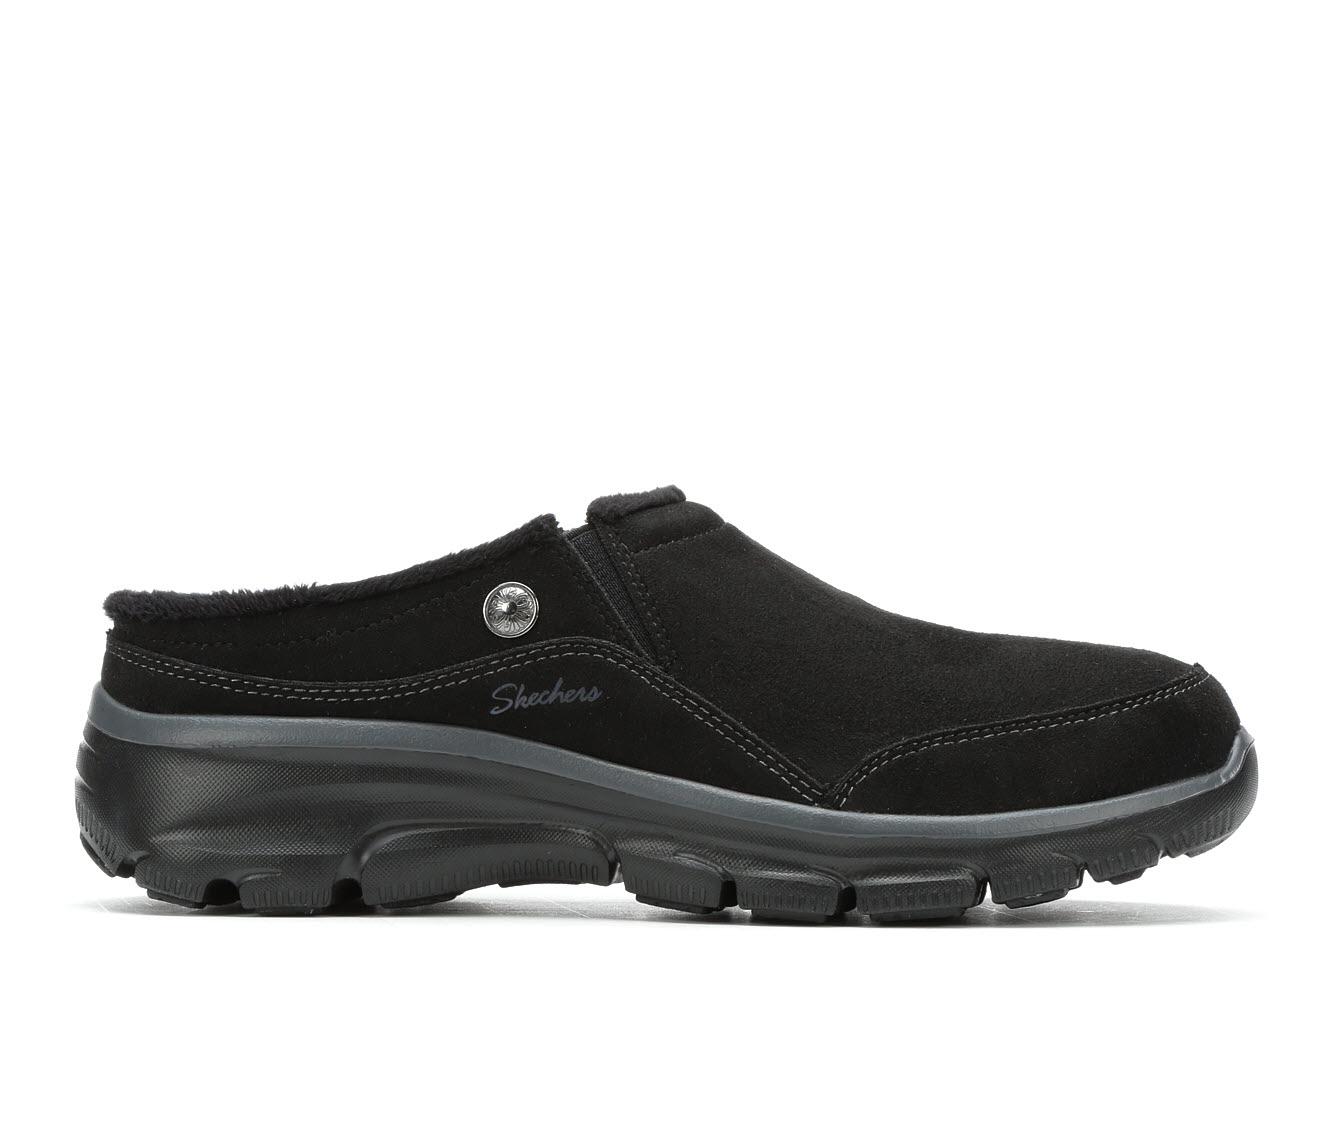 Skechers Easy Going Latte 49532 Women's Shoe (Black Suede)